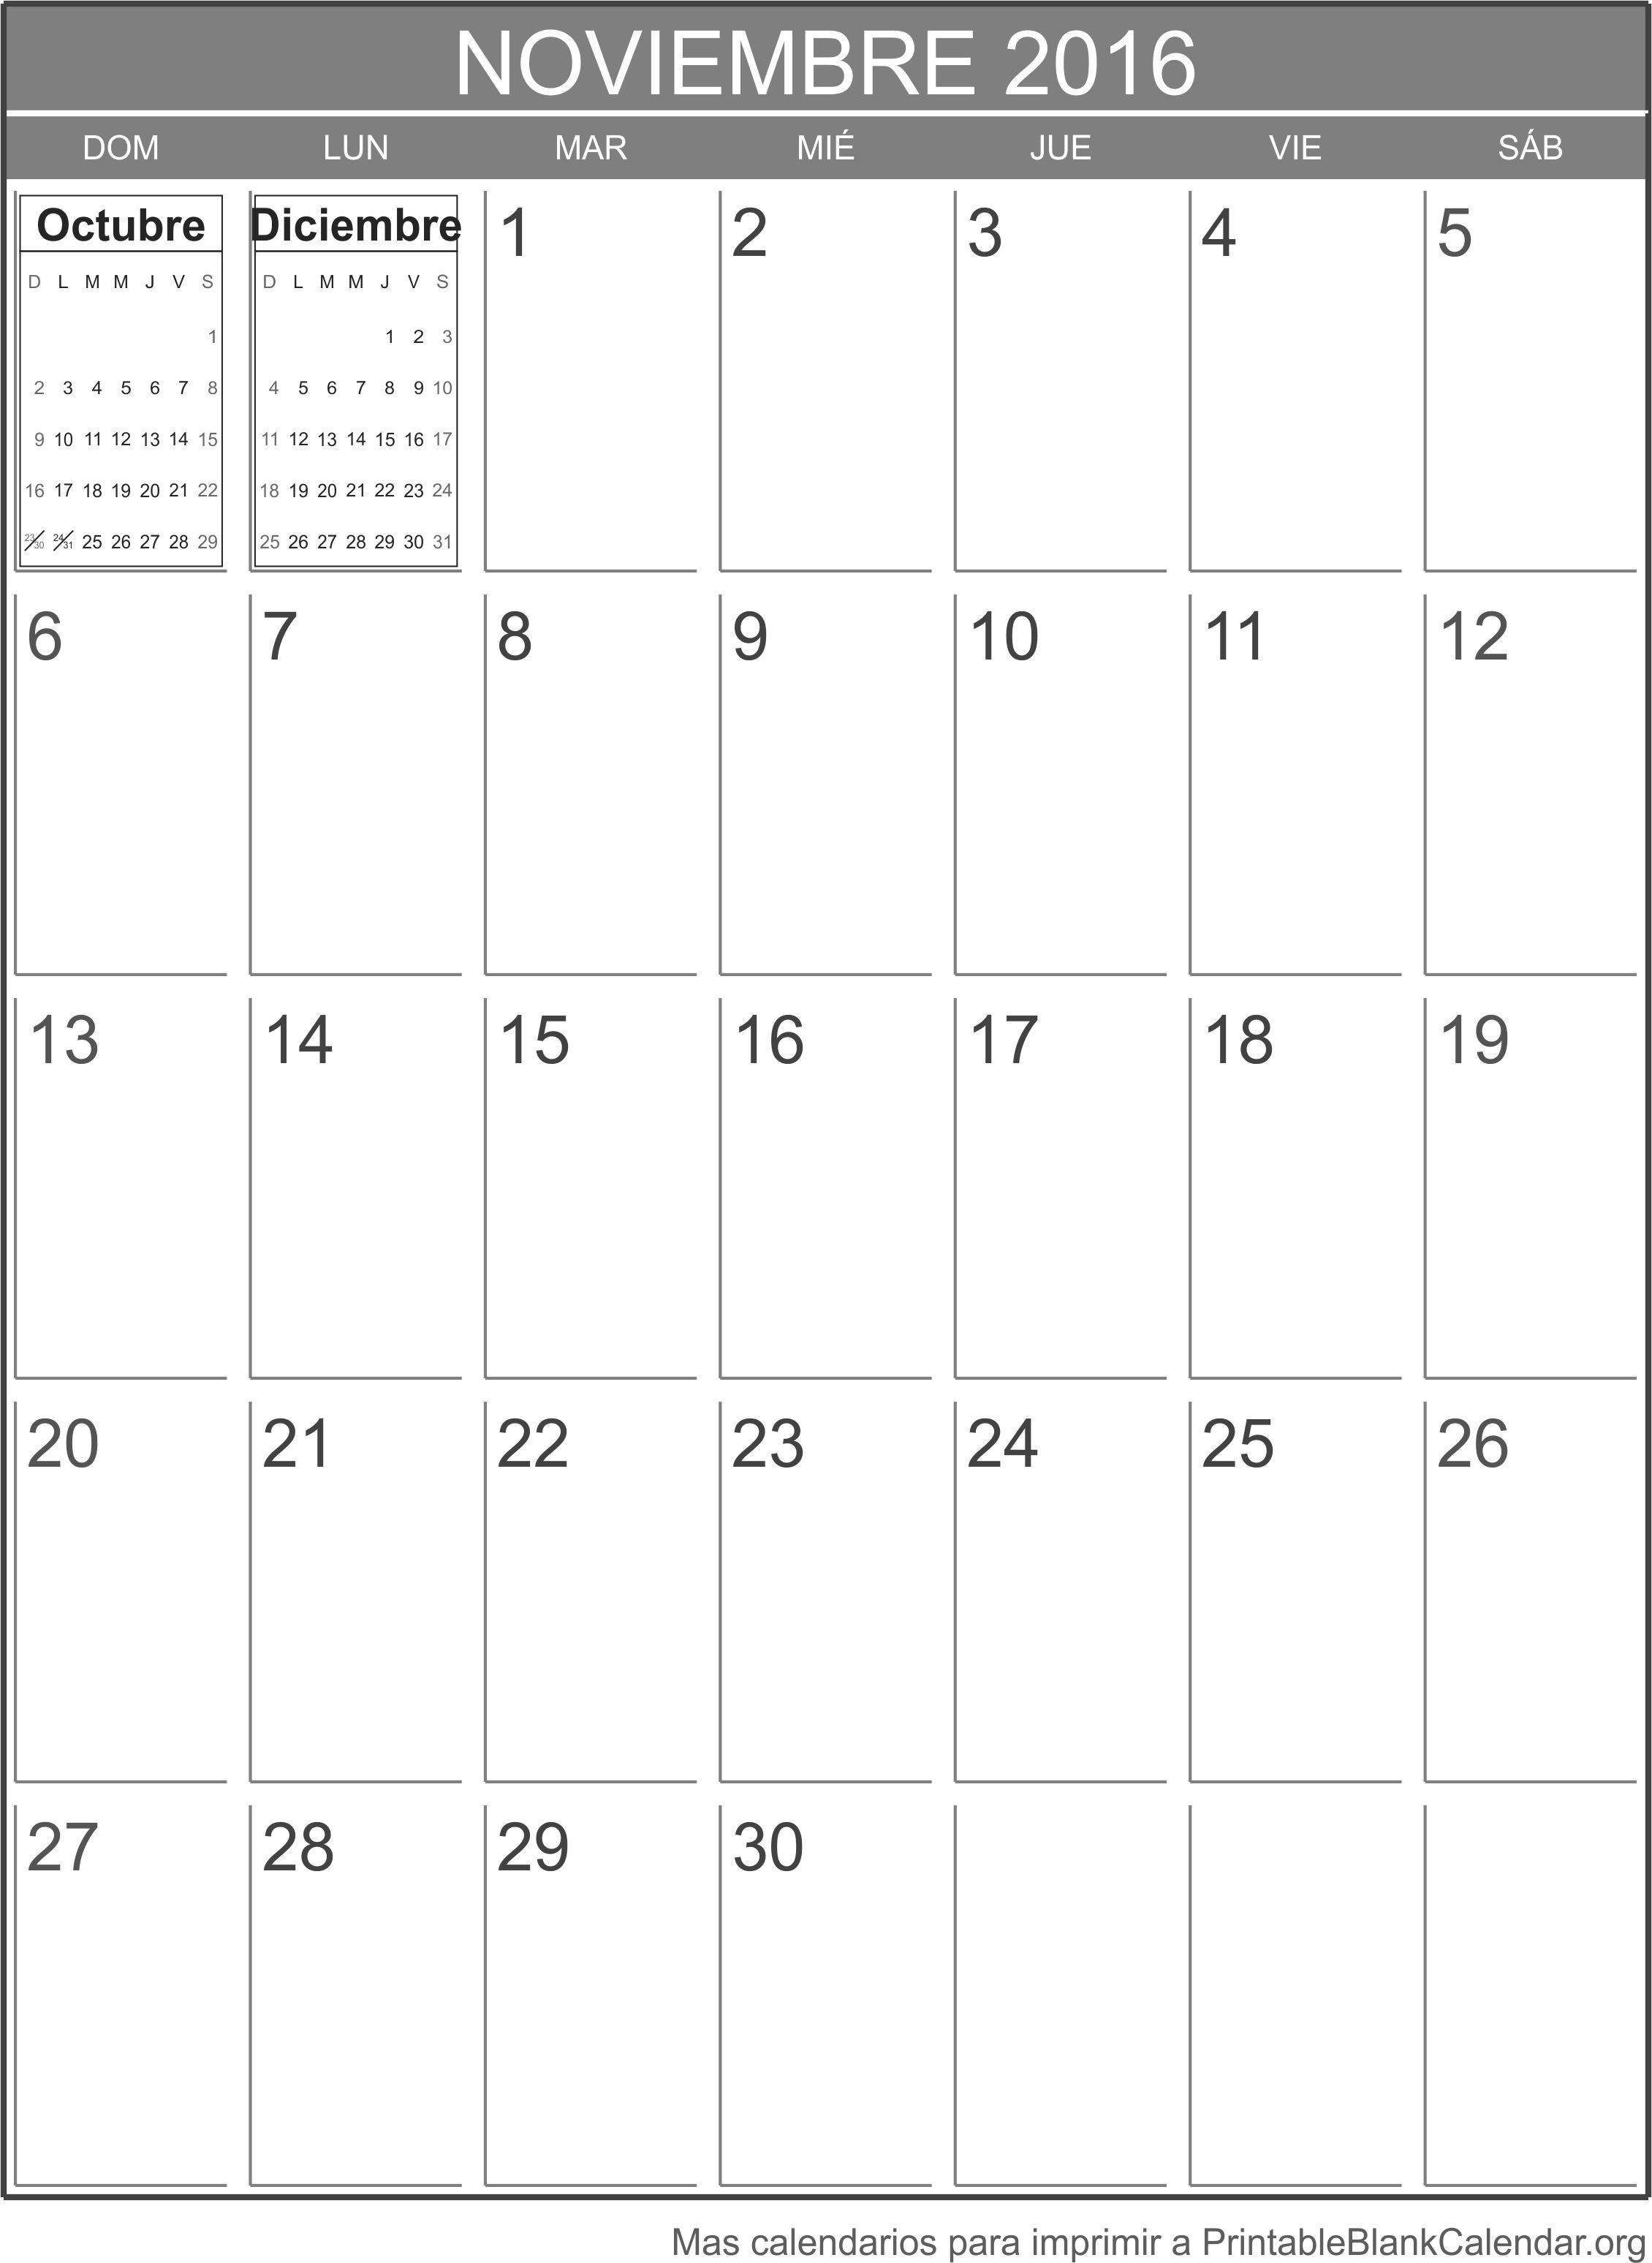 noviembre 2016 agenda